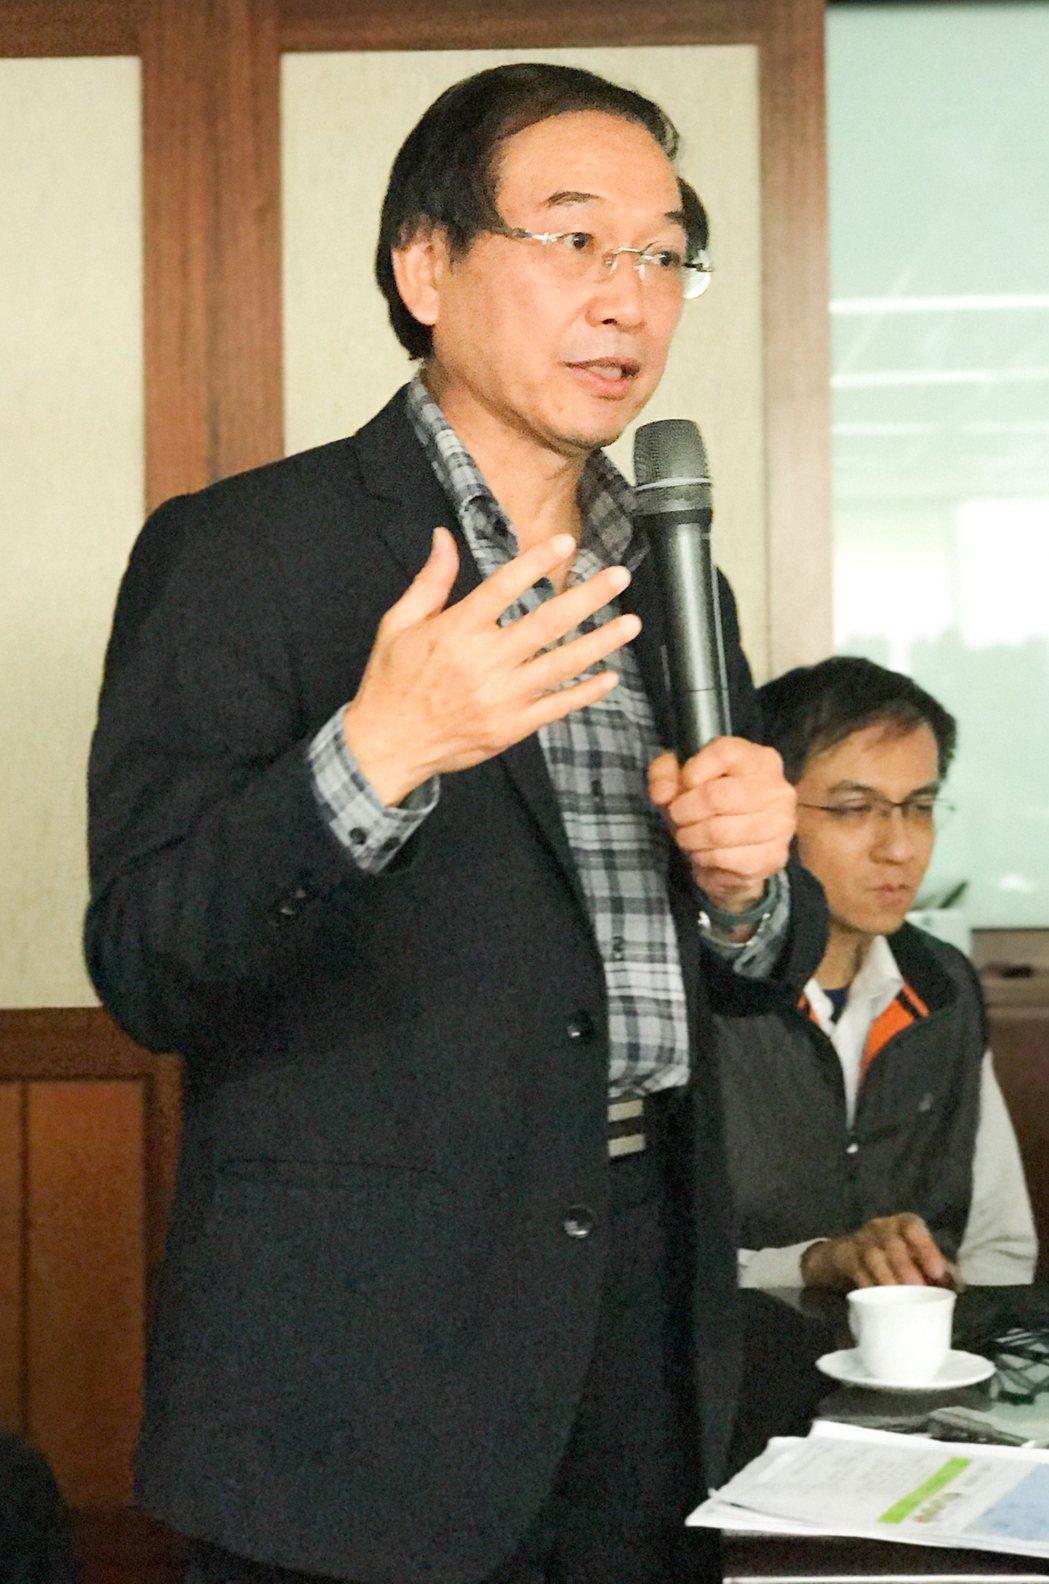 高雄市地政局長黃進雄説,市地重劃是以開發地利,和全民共享。 攝影/張世雅